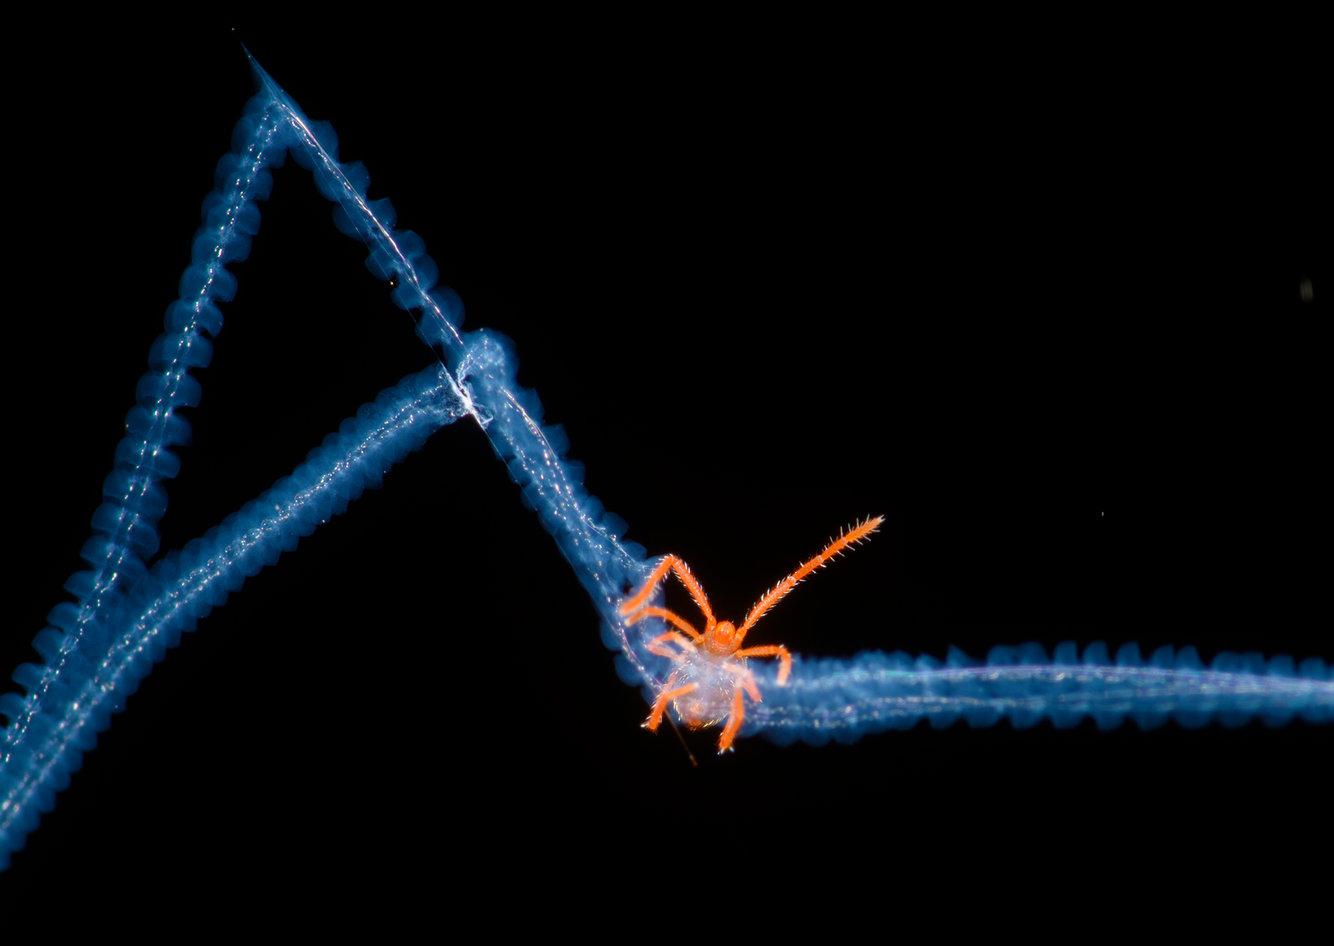 крошечный акари попадает в ловушку голубоватой паутины